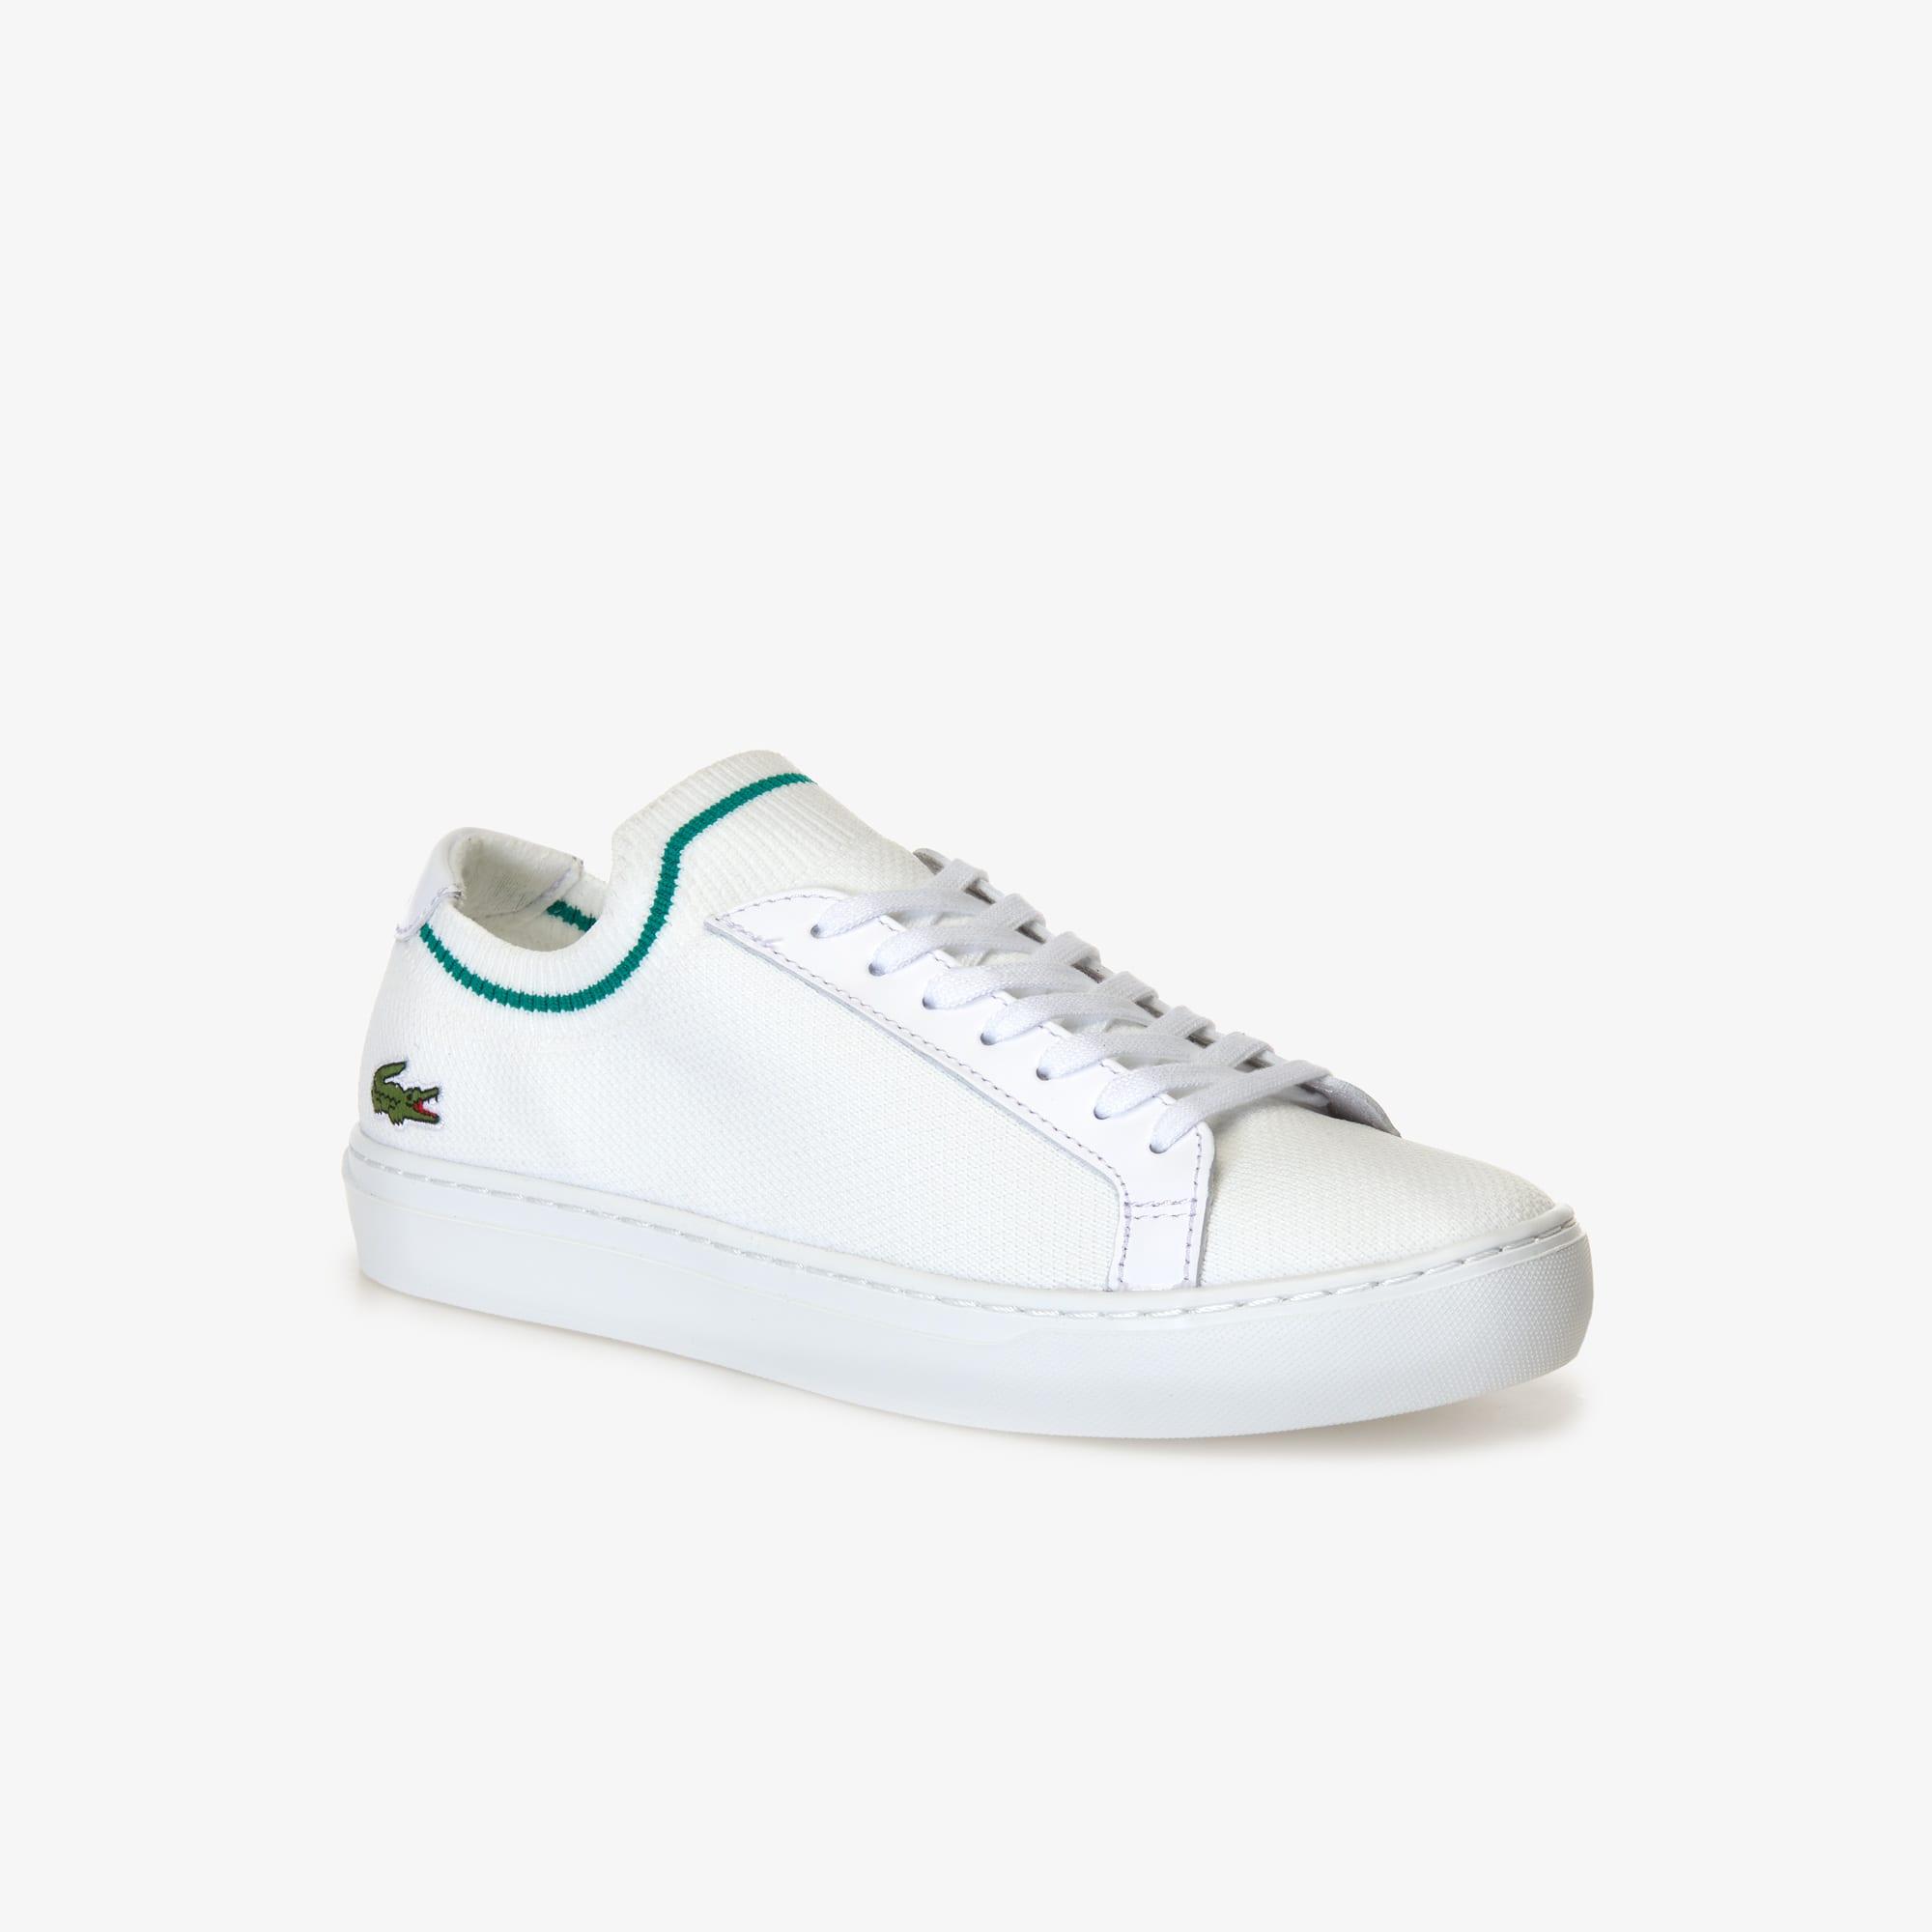 9f1c09220138 Men s Shoes